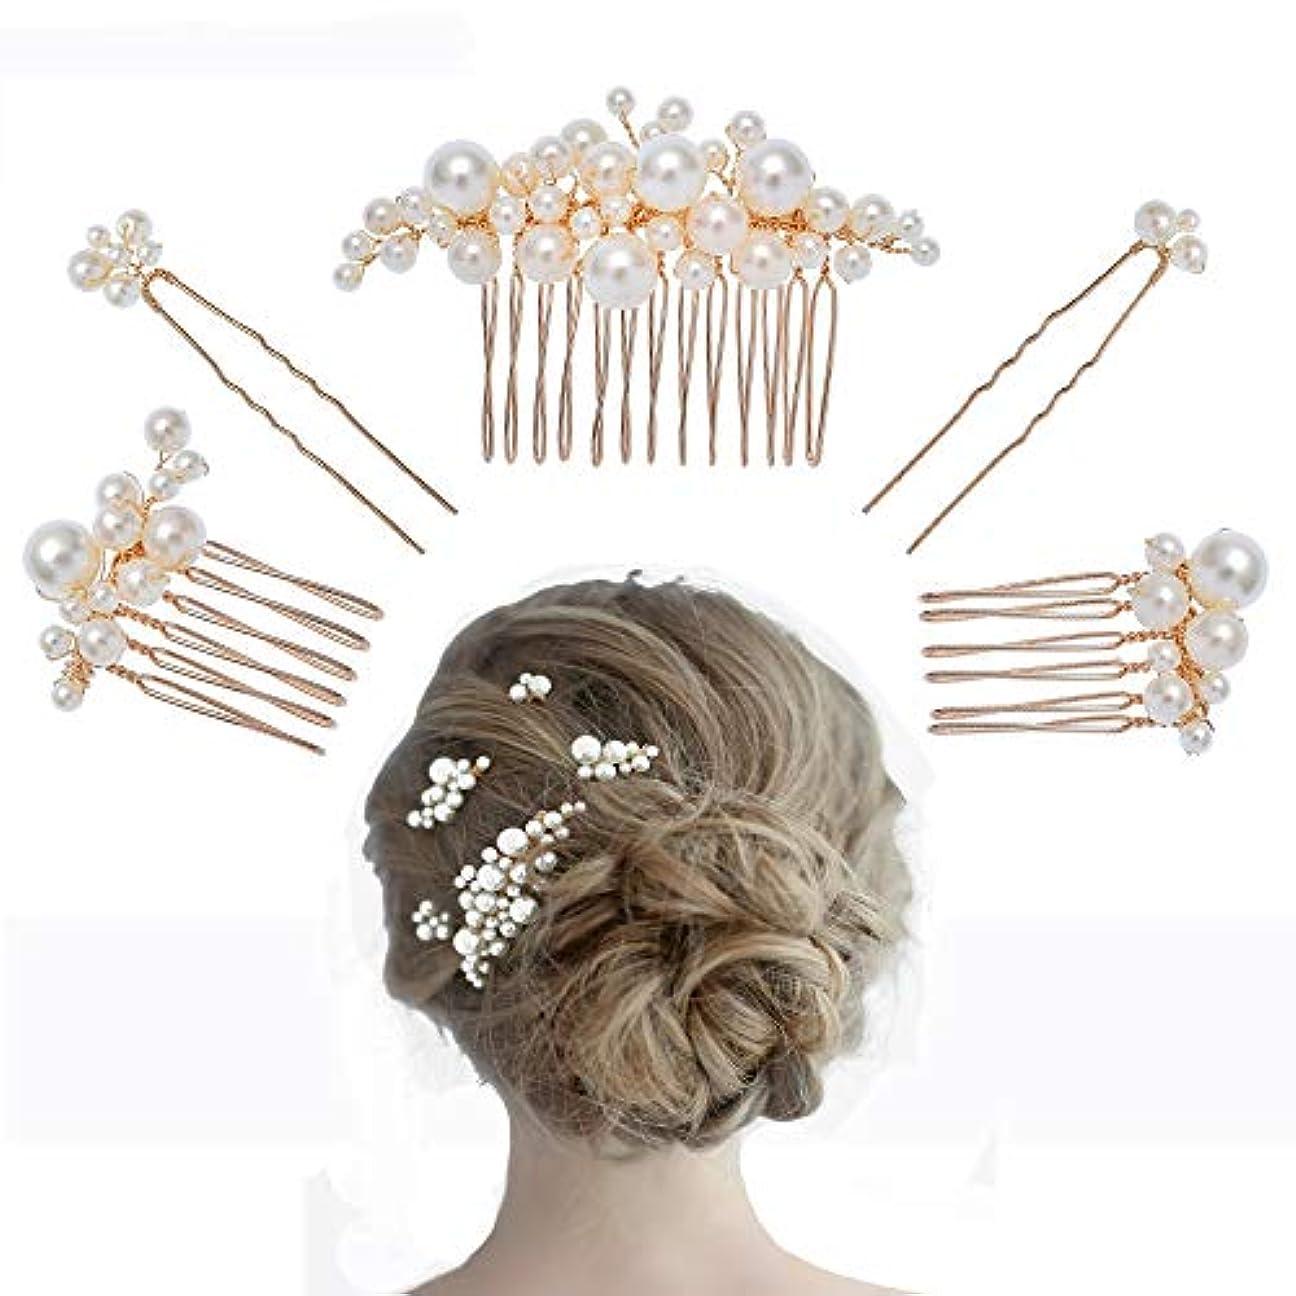 シーン少数和らげるSPOKKI パール 髪飾り ヘアアクセサリー ヘアピン 3種類 5本セット ウェディング 結婚式 卒業式 発表会